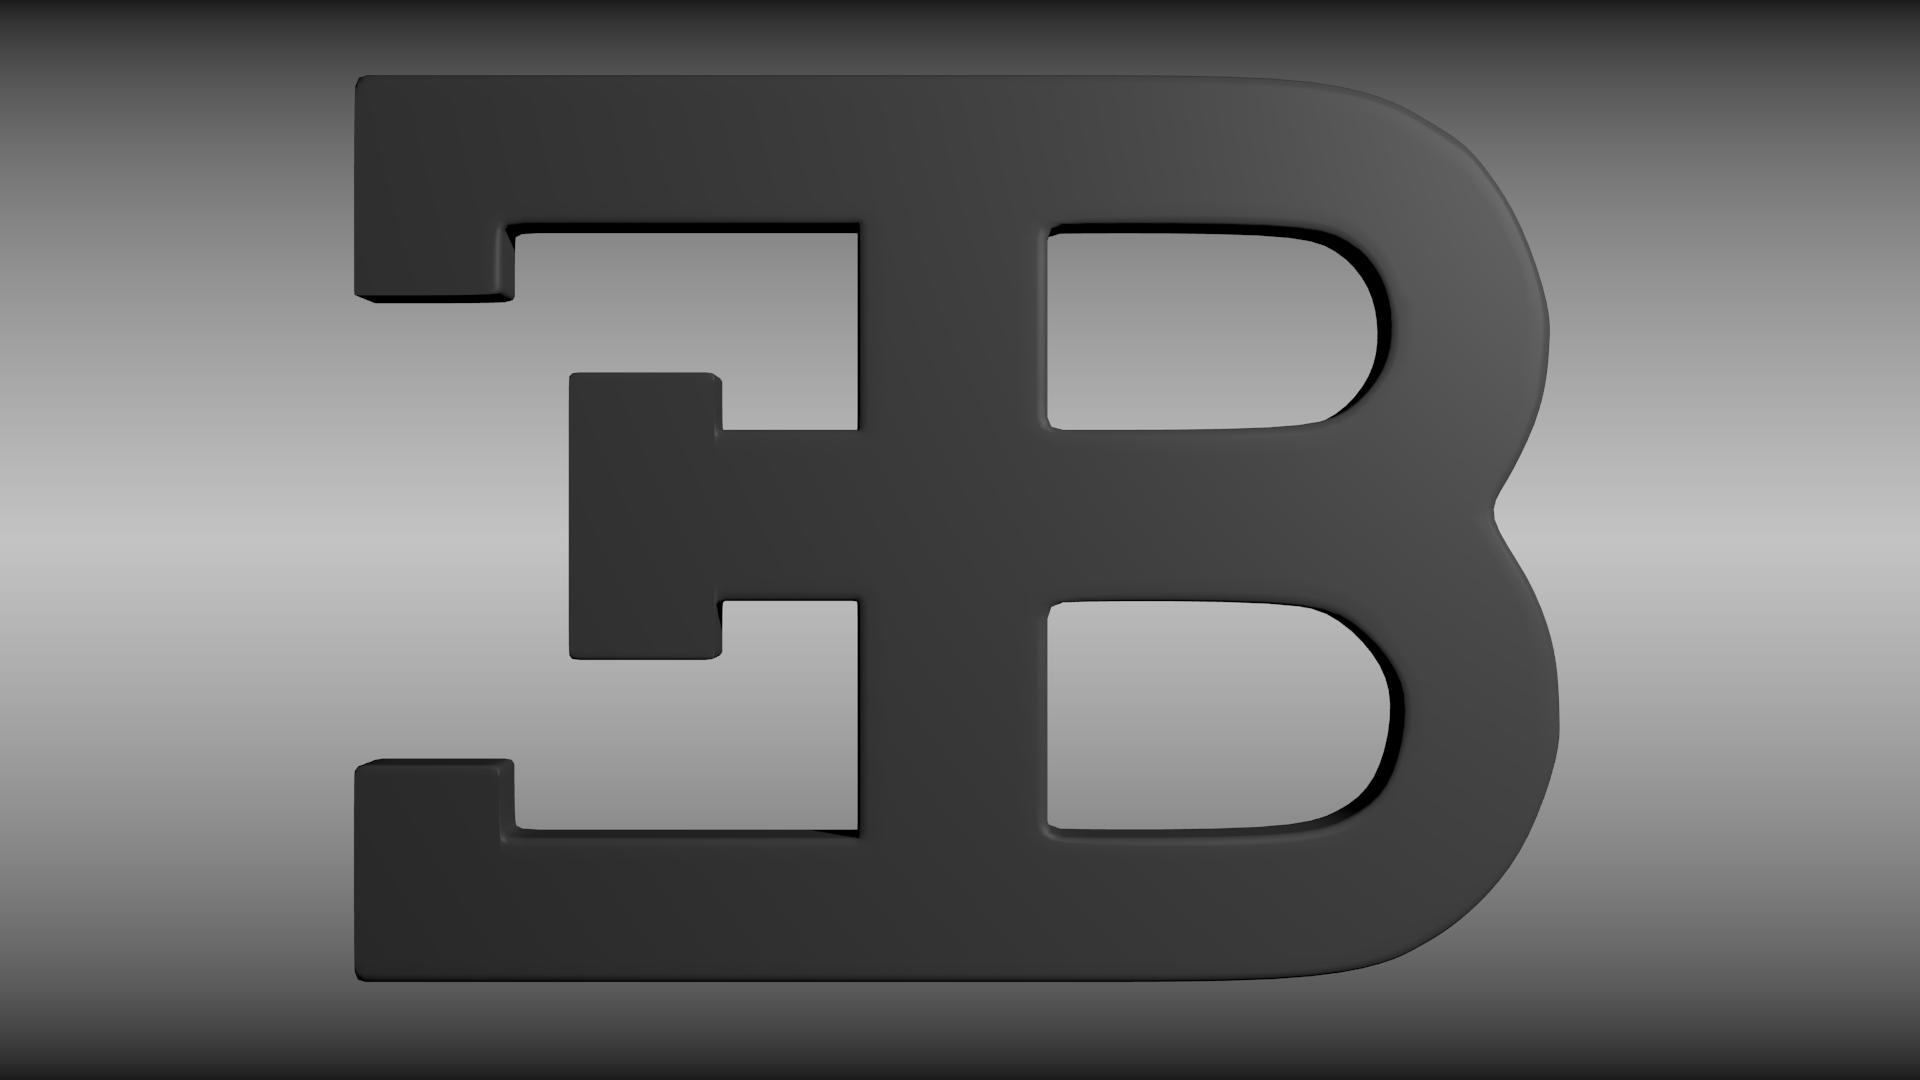 bugatti logo widescreen computer background 875